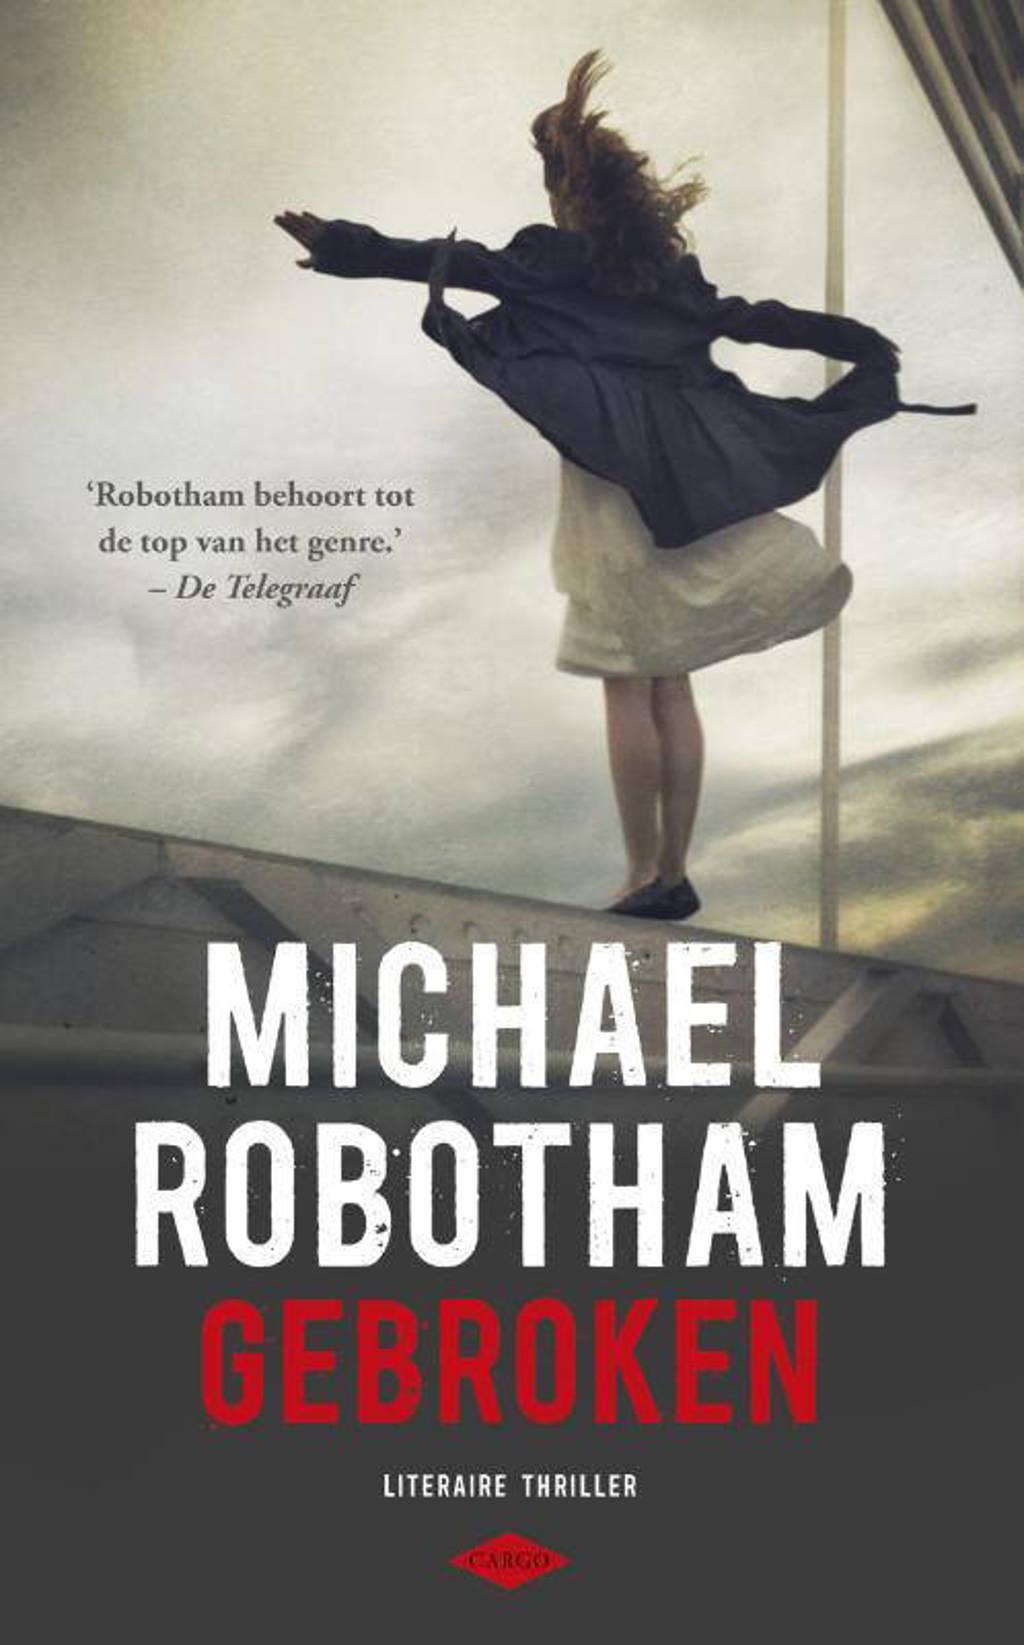 O'Loughlin: Gebroken - Michael Robotham